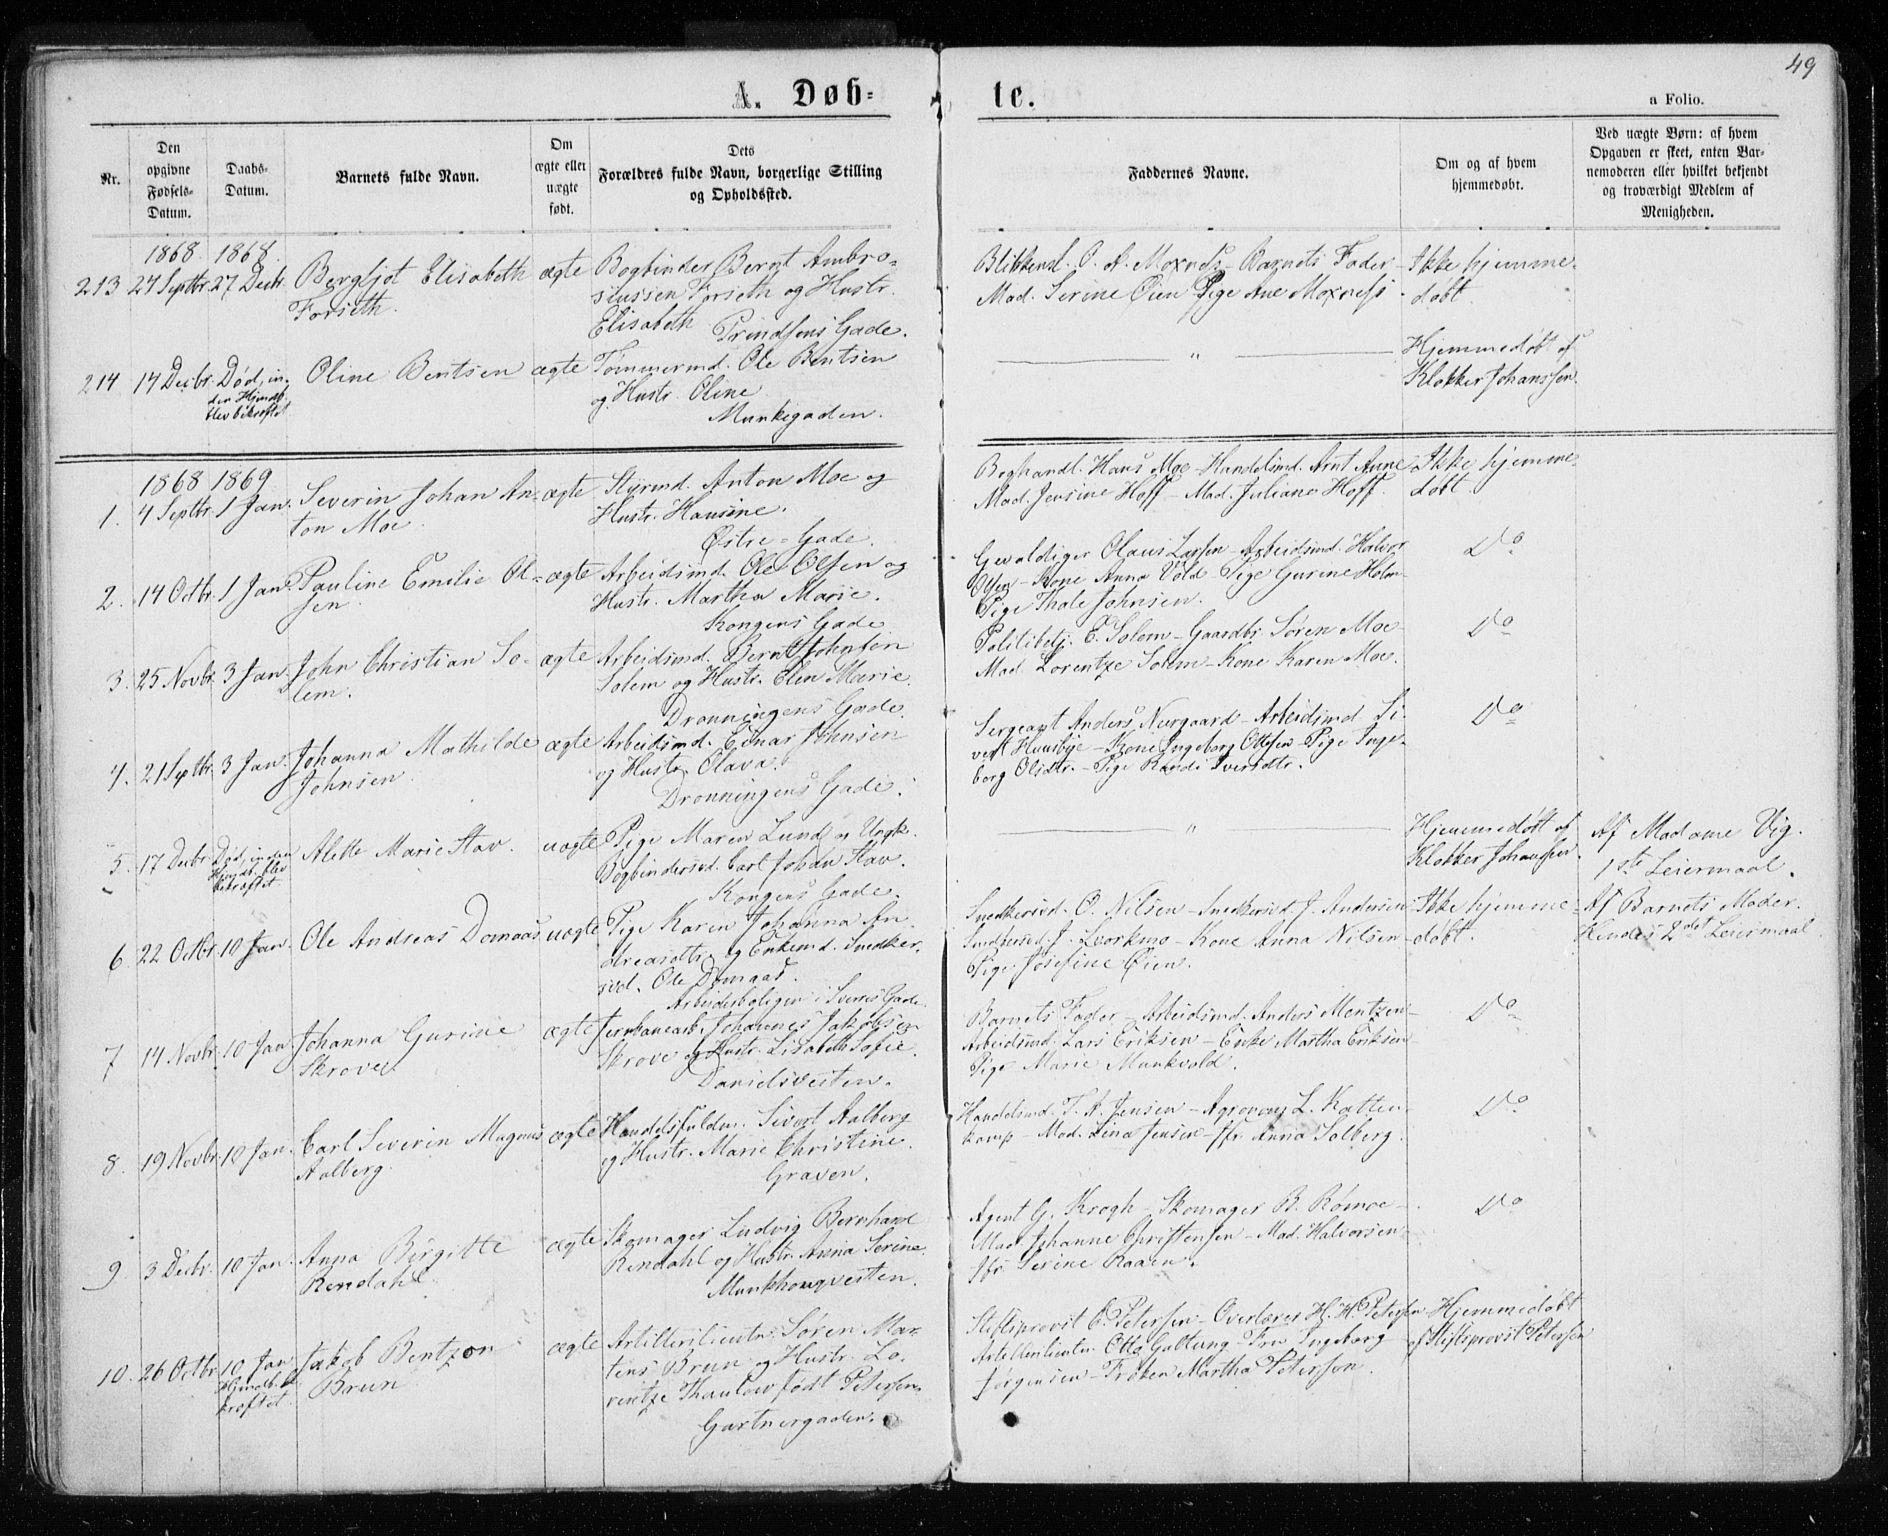 SAT, Ministerialprotokoller, klokkerbøker og fødselsregistre - Sør-Trøndelag, 601/L0054: Ministerialbok nr. 601A22, 1866-1877, s. 49